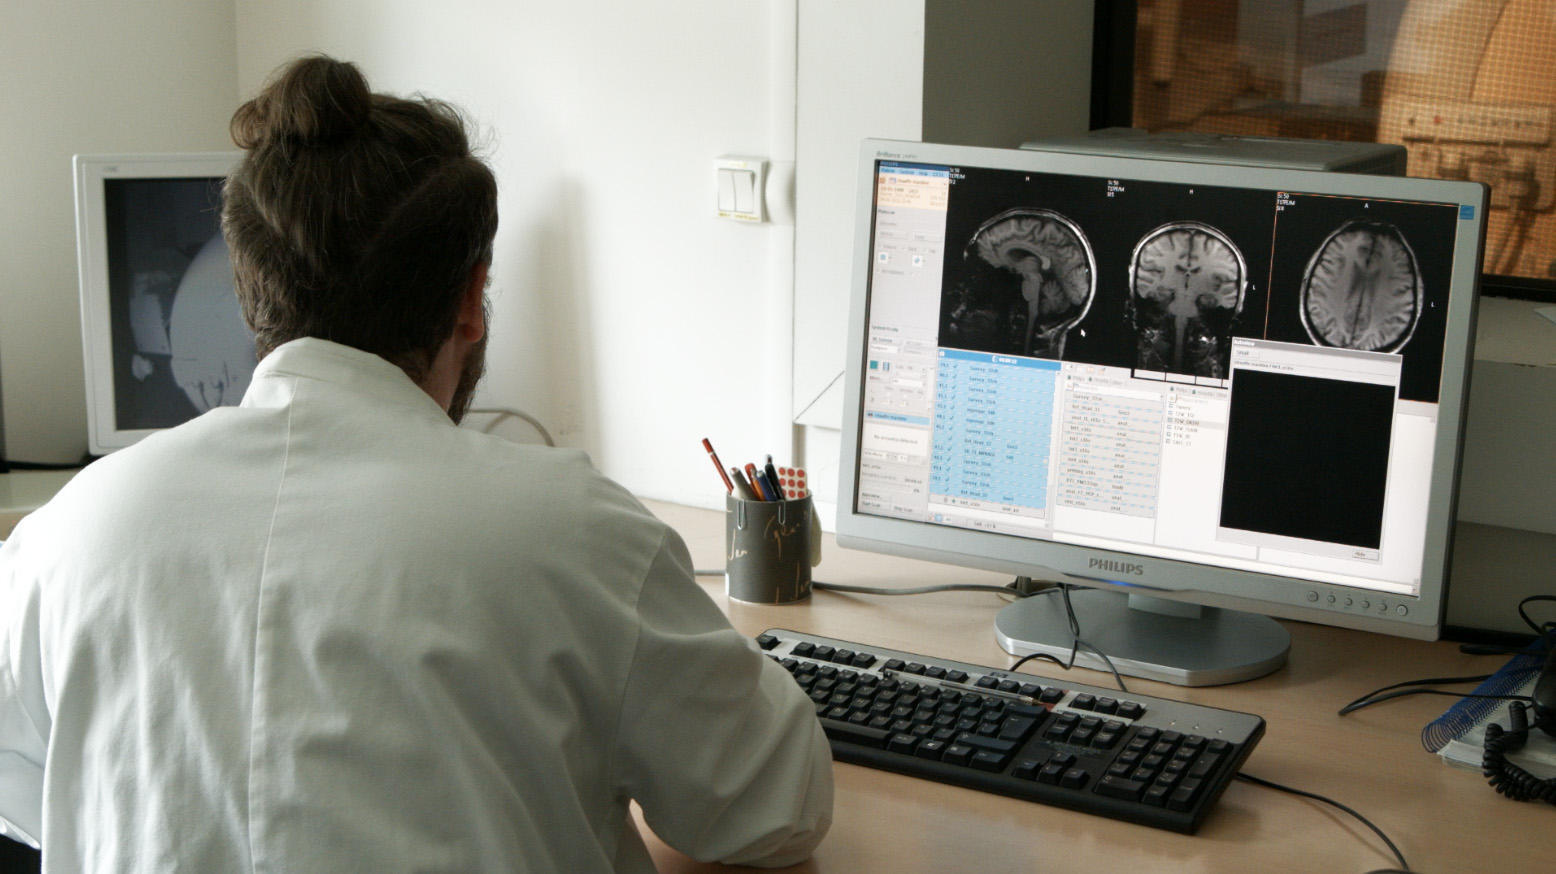 El estudio REMEMBER se basa en el análisis de imágenes biomédicas hechas en personas expuestas a los atentados.